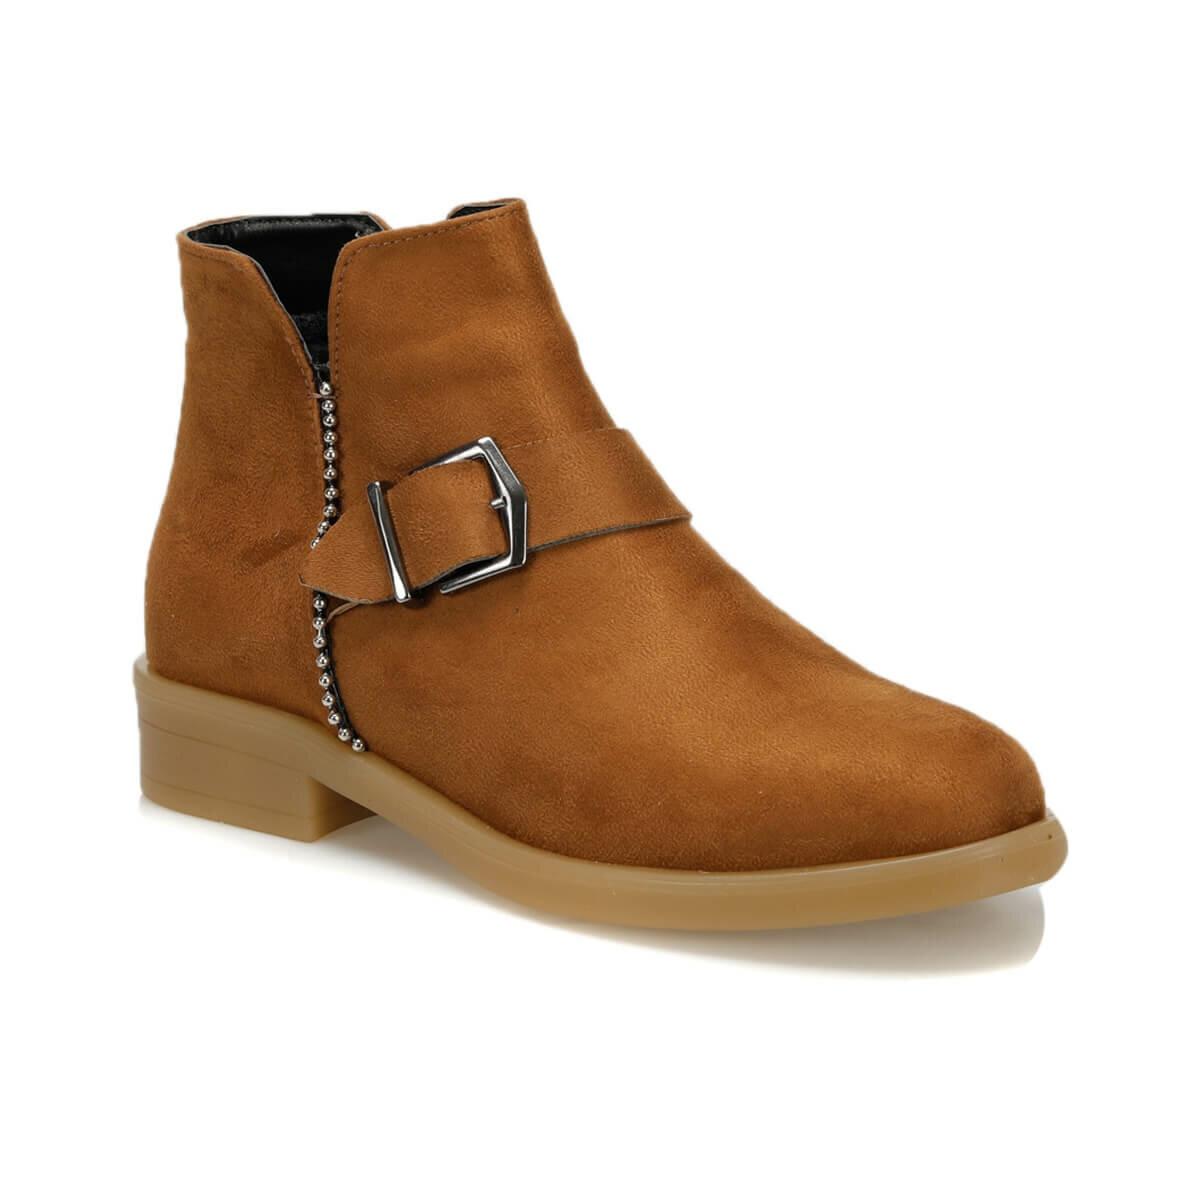 FLO WITSEL17Z SKIN Tan Women 'S Boots BUTIGO